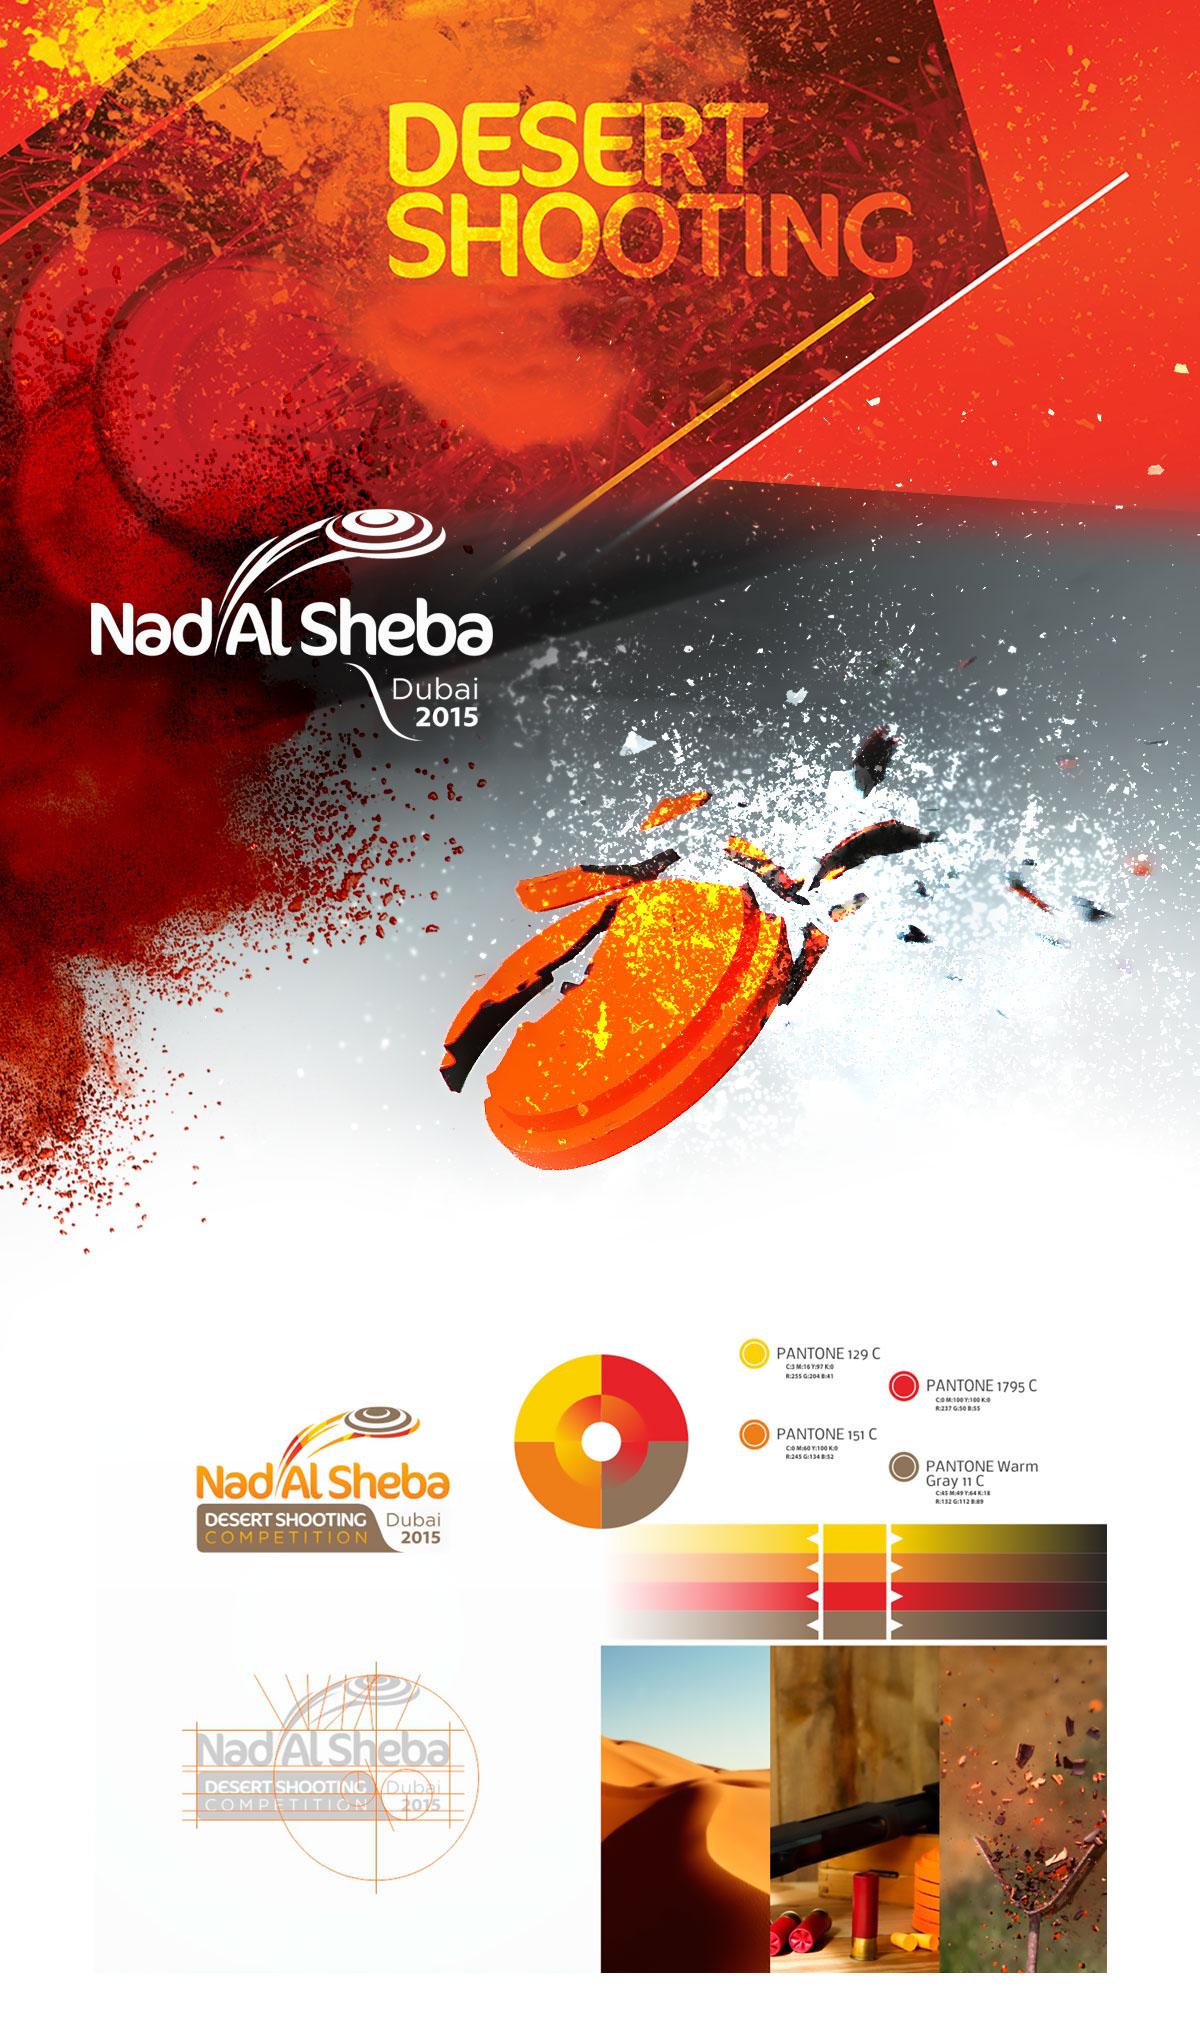 622 agency Nad El Sheba